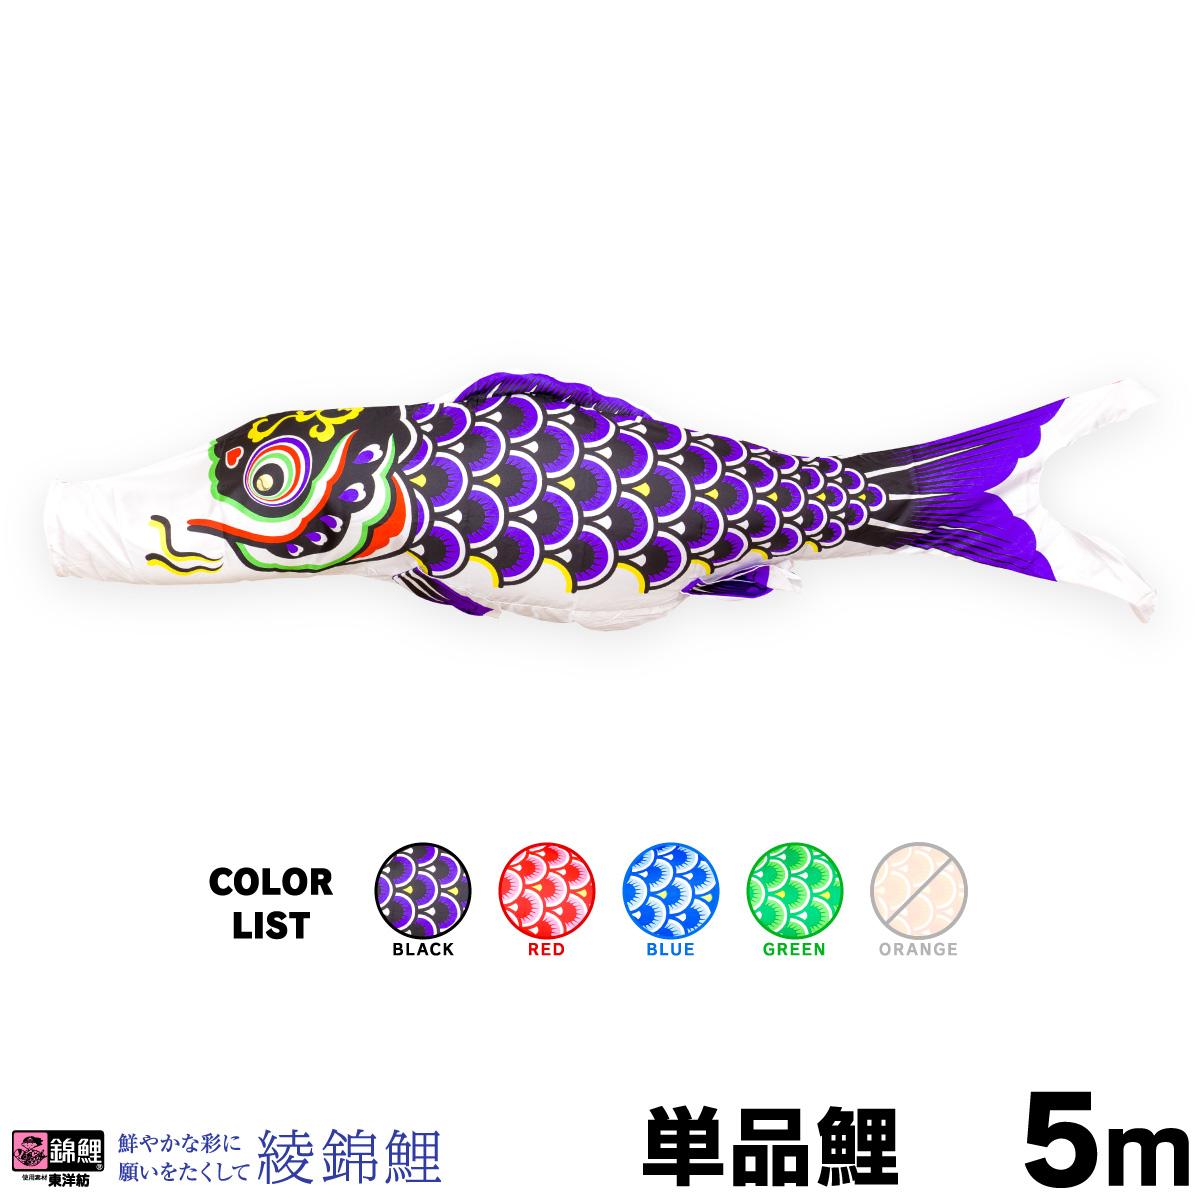 【こいのぼり 単品】 綾錦鯉 5m 単品鯉